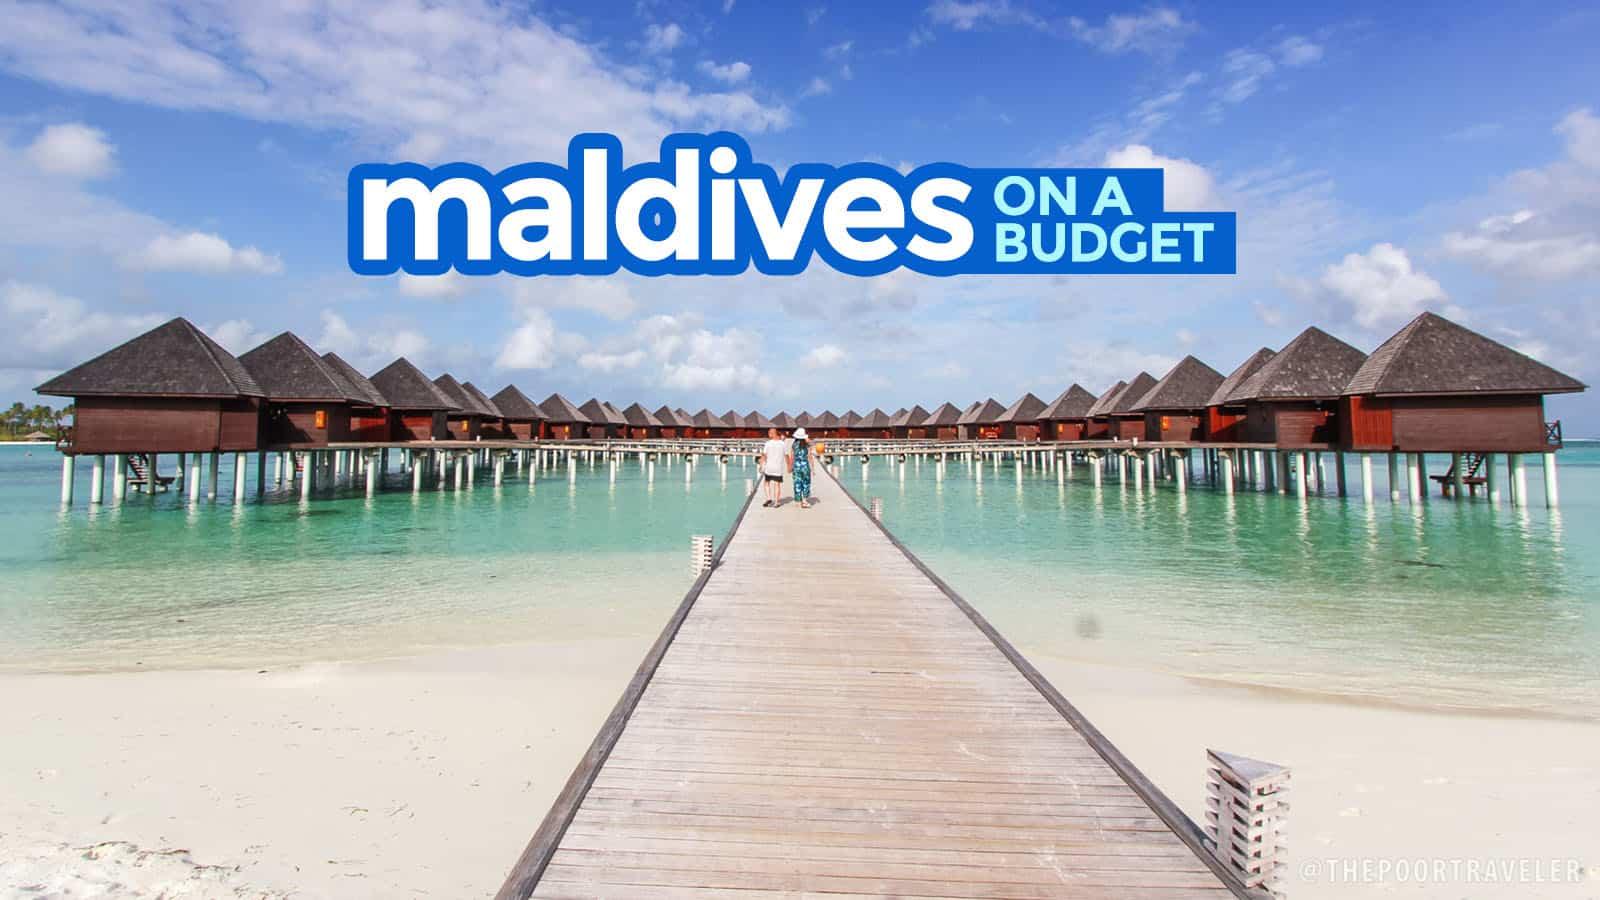 马尔代夫的预算。旅行指南与行程安排   穷游者行程安排博客